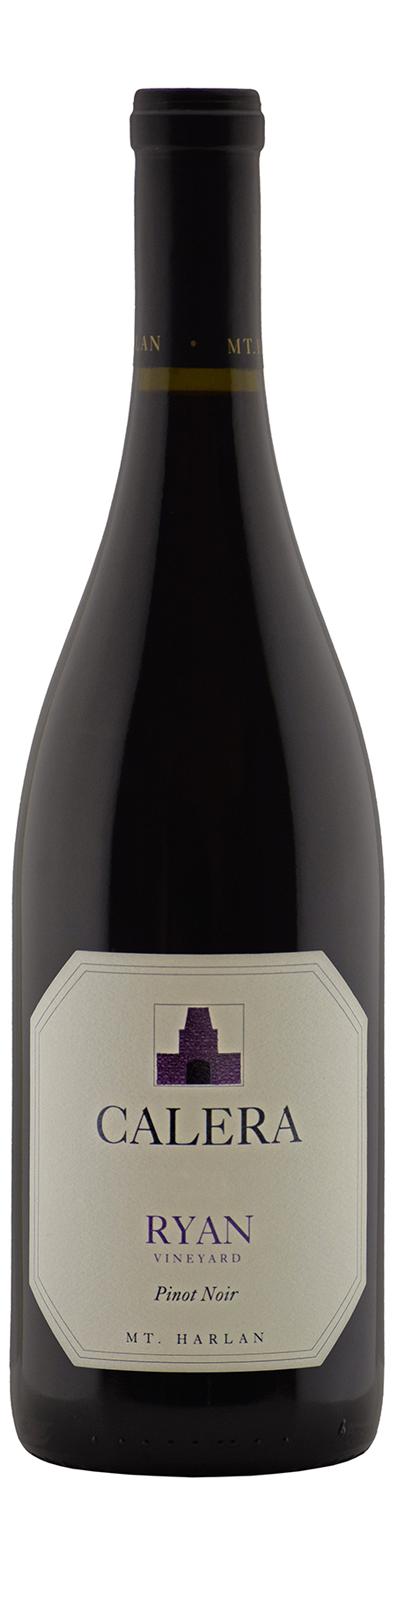 Calera Ryan Pinot Noir